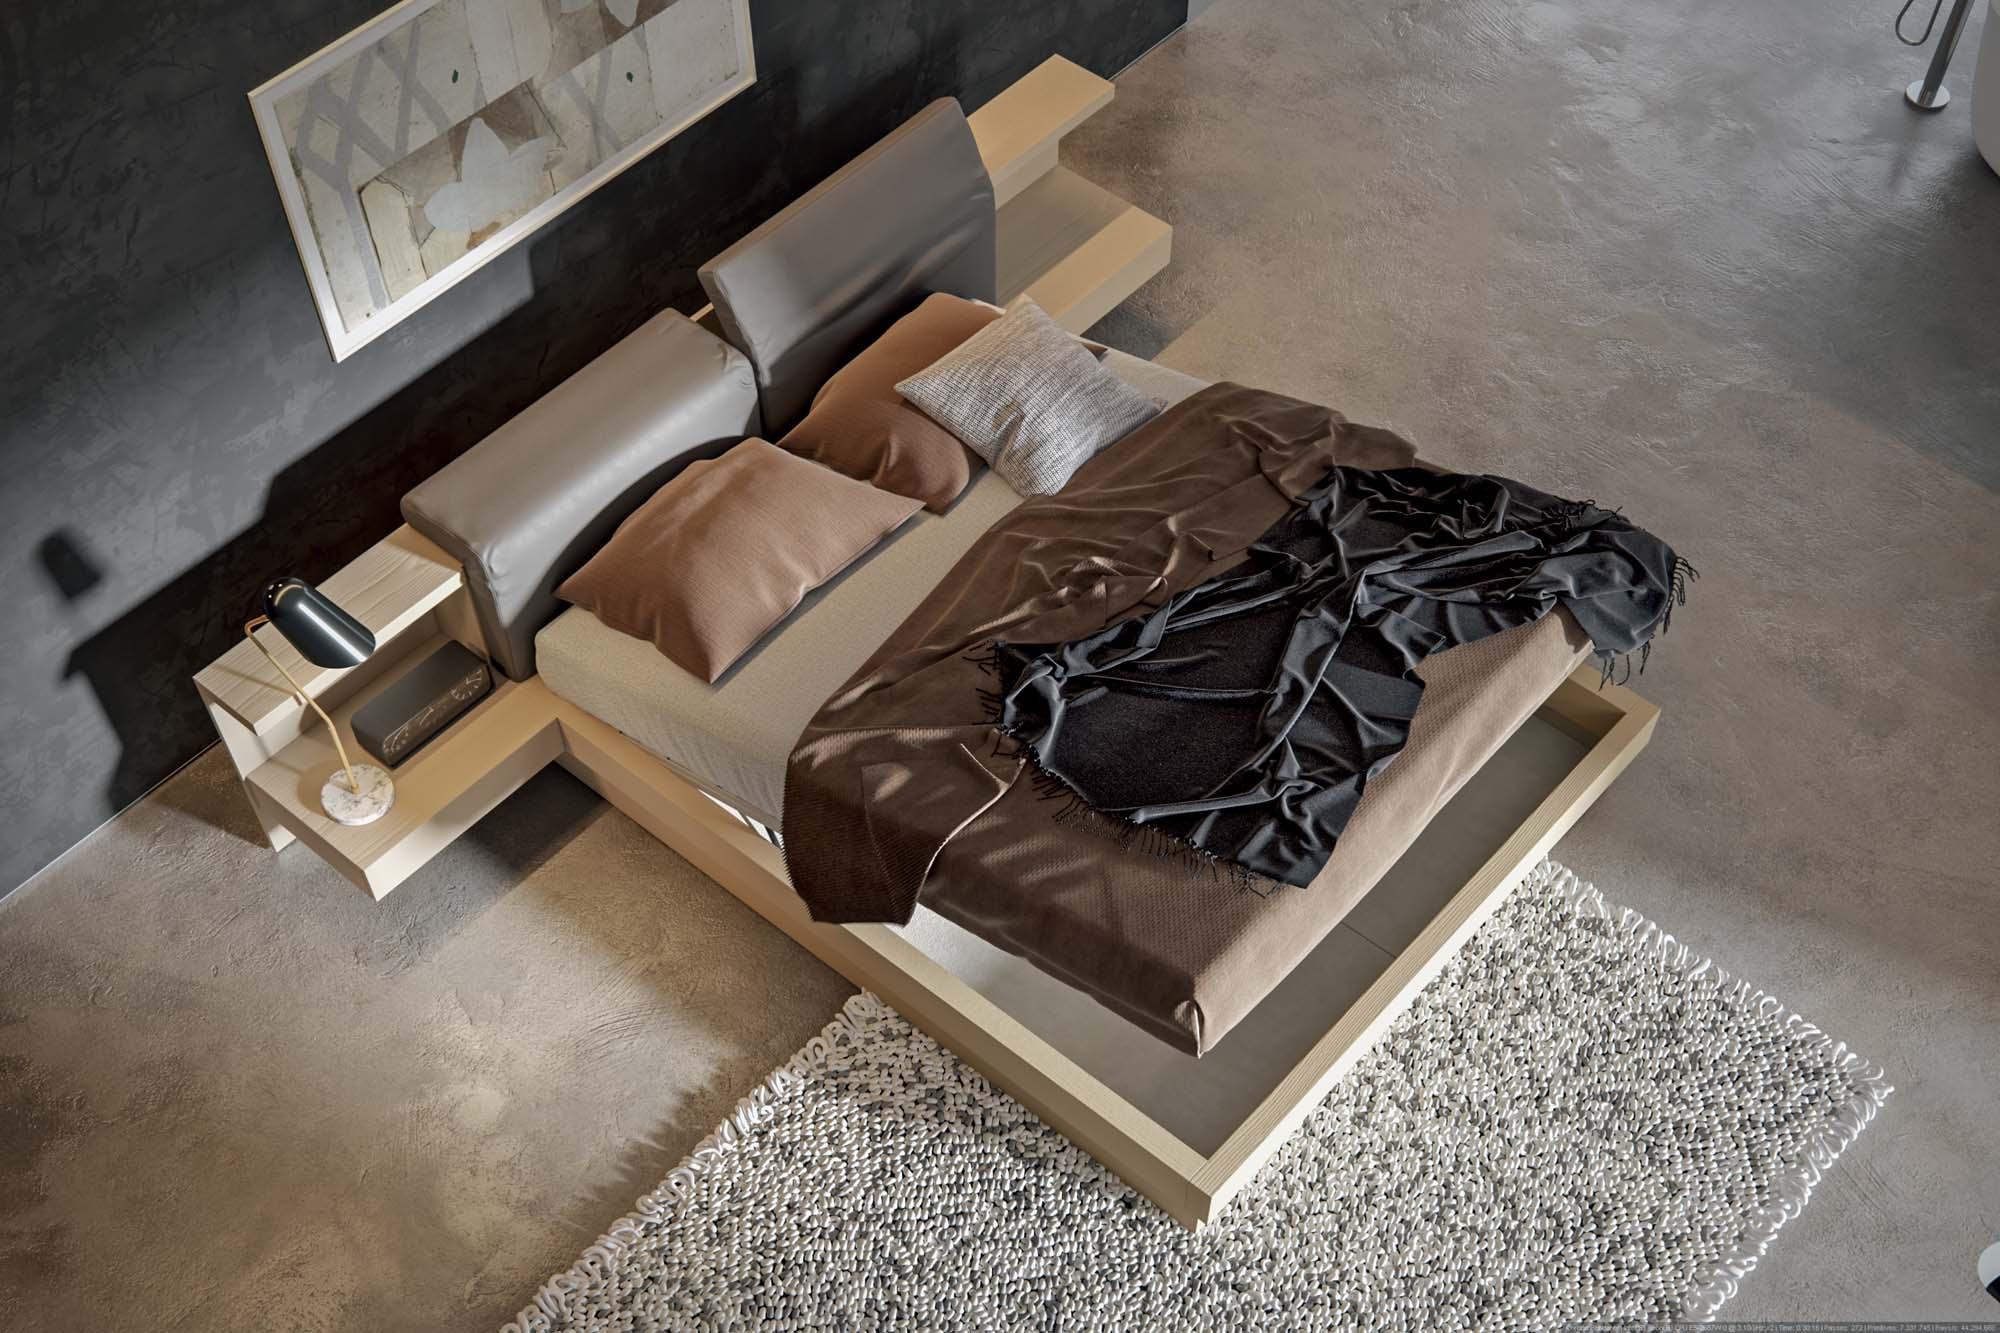 Letto Con Testiera Porta Cuscini : Letto con testiera porta cuscini cuscini una coperta sul letto